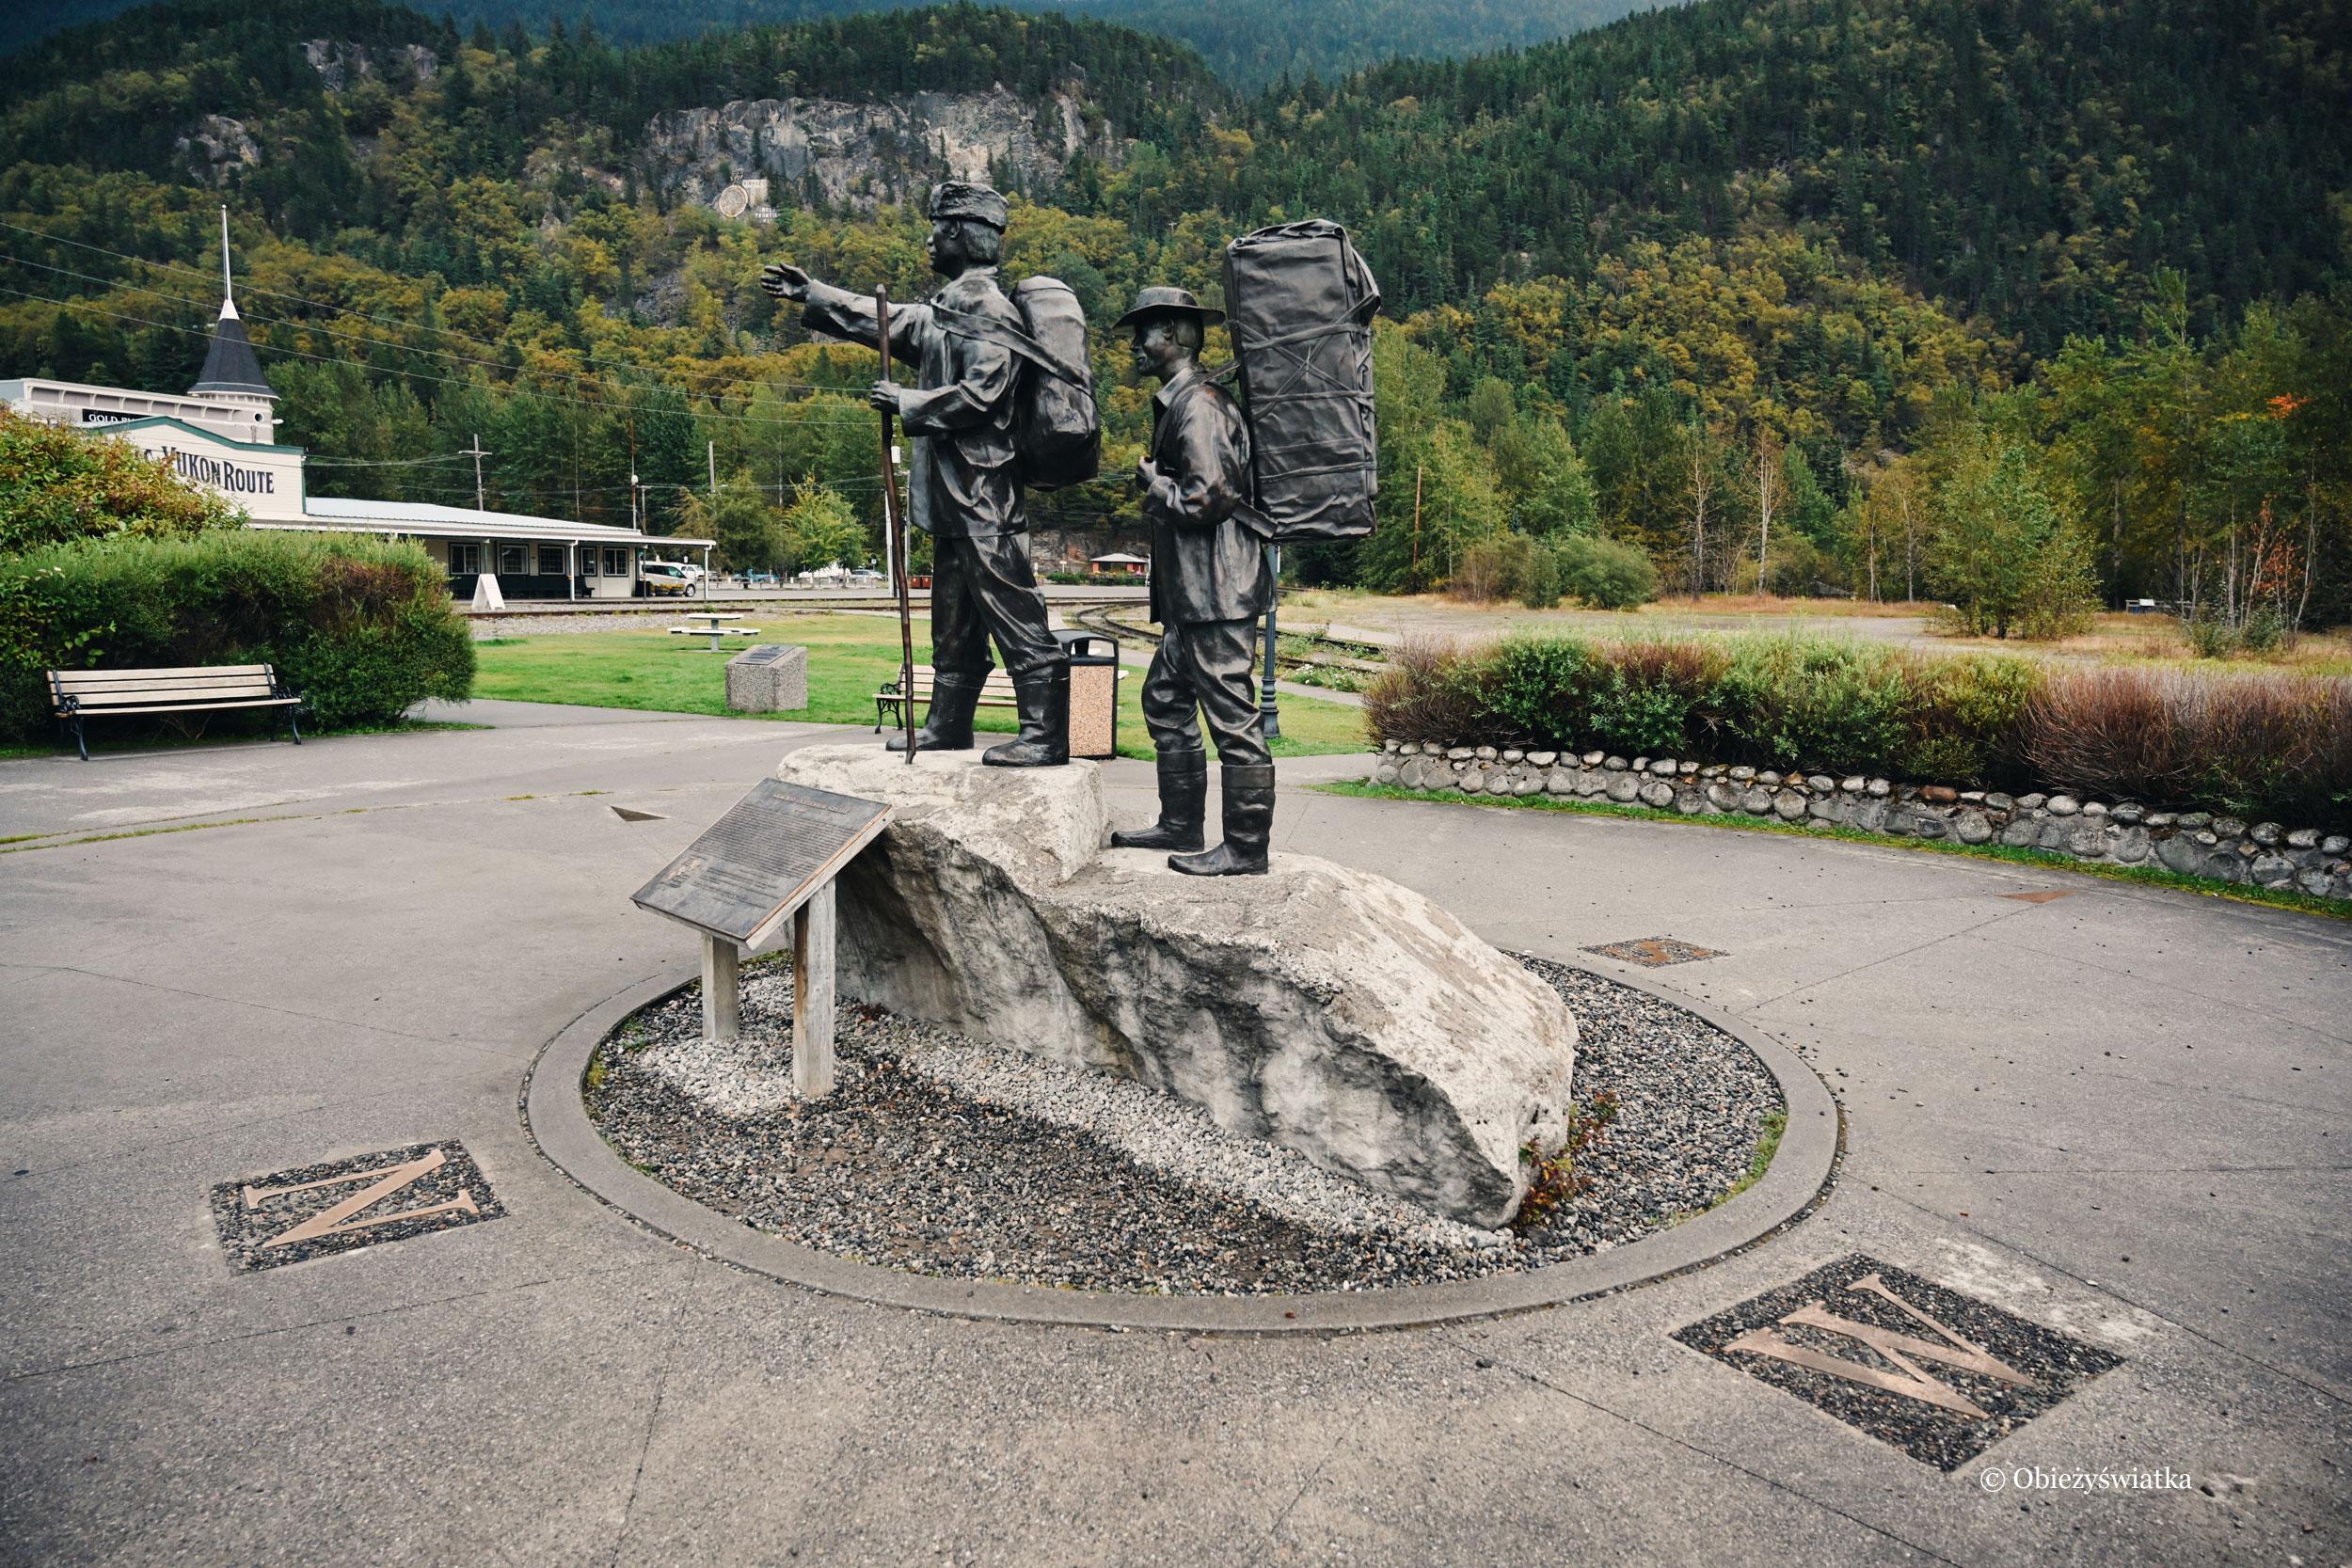 Pomnik powstały na stulecie urodzin miasta w 1997, Skagway, Alaska